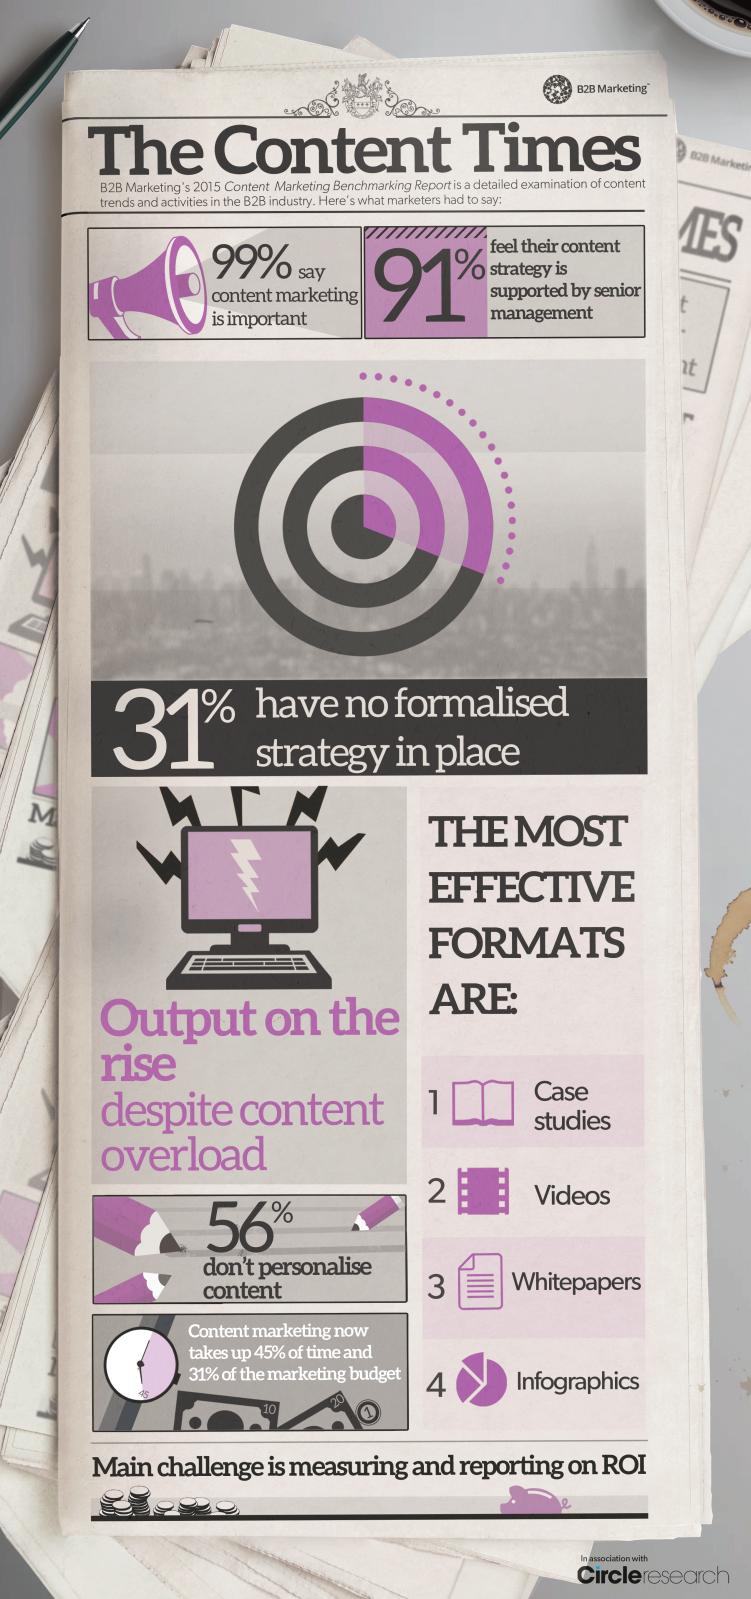 Content-marketing-B2B-état-des-lieux-et-perspectives